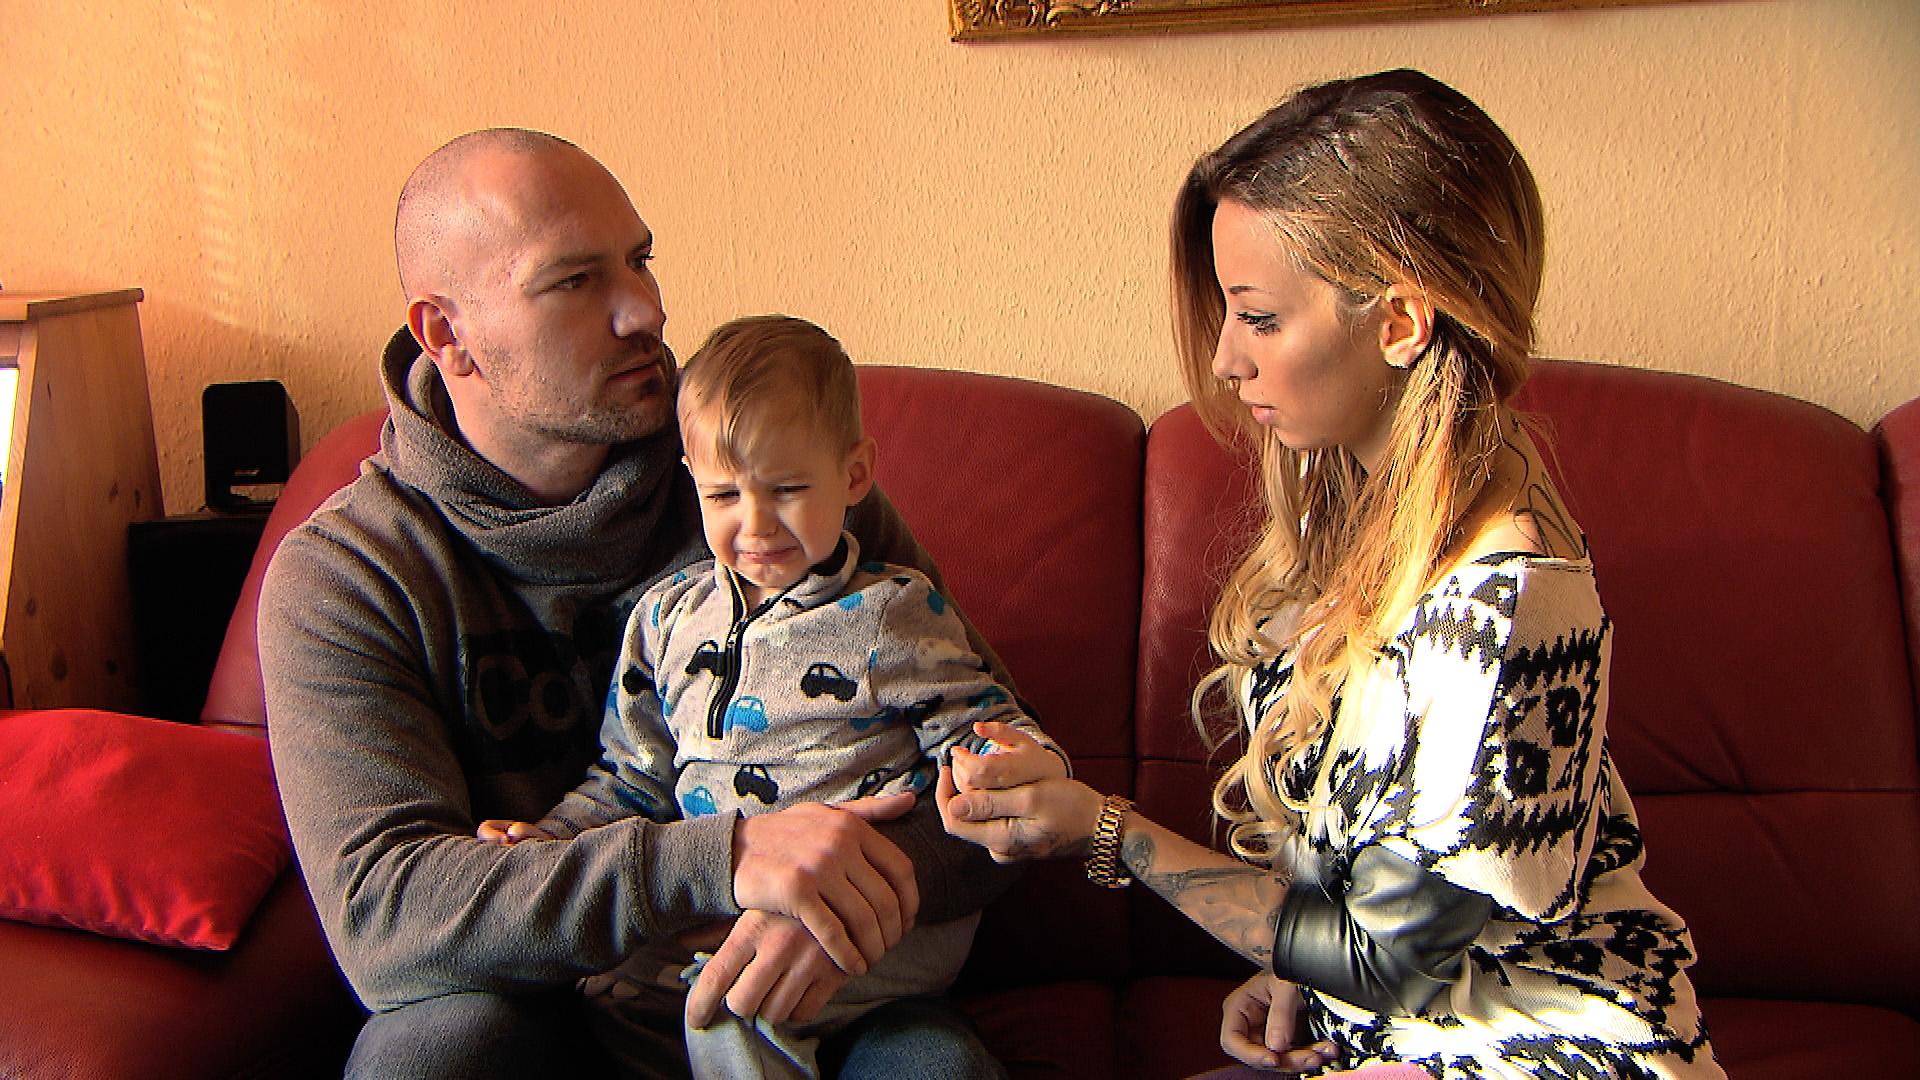 Adam (li.) bietet Jenny an, Devin jederzeit sehen zu können, wenn sie wieder zu ihm zurückkommt. (Quelle: RTL 2)